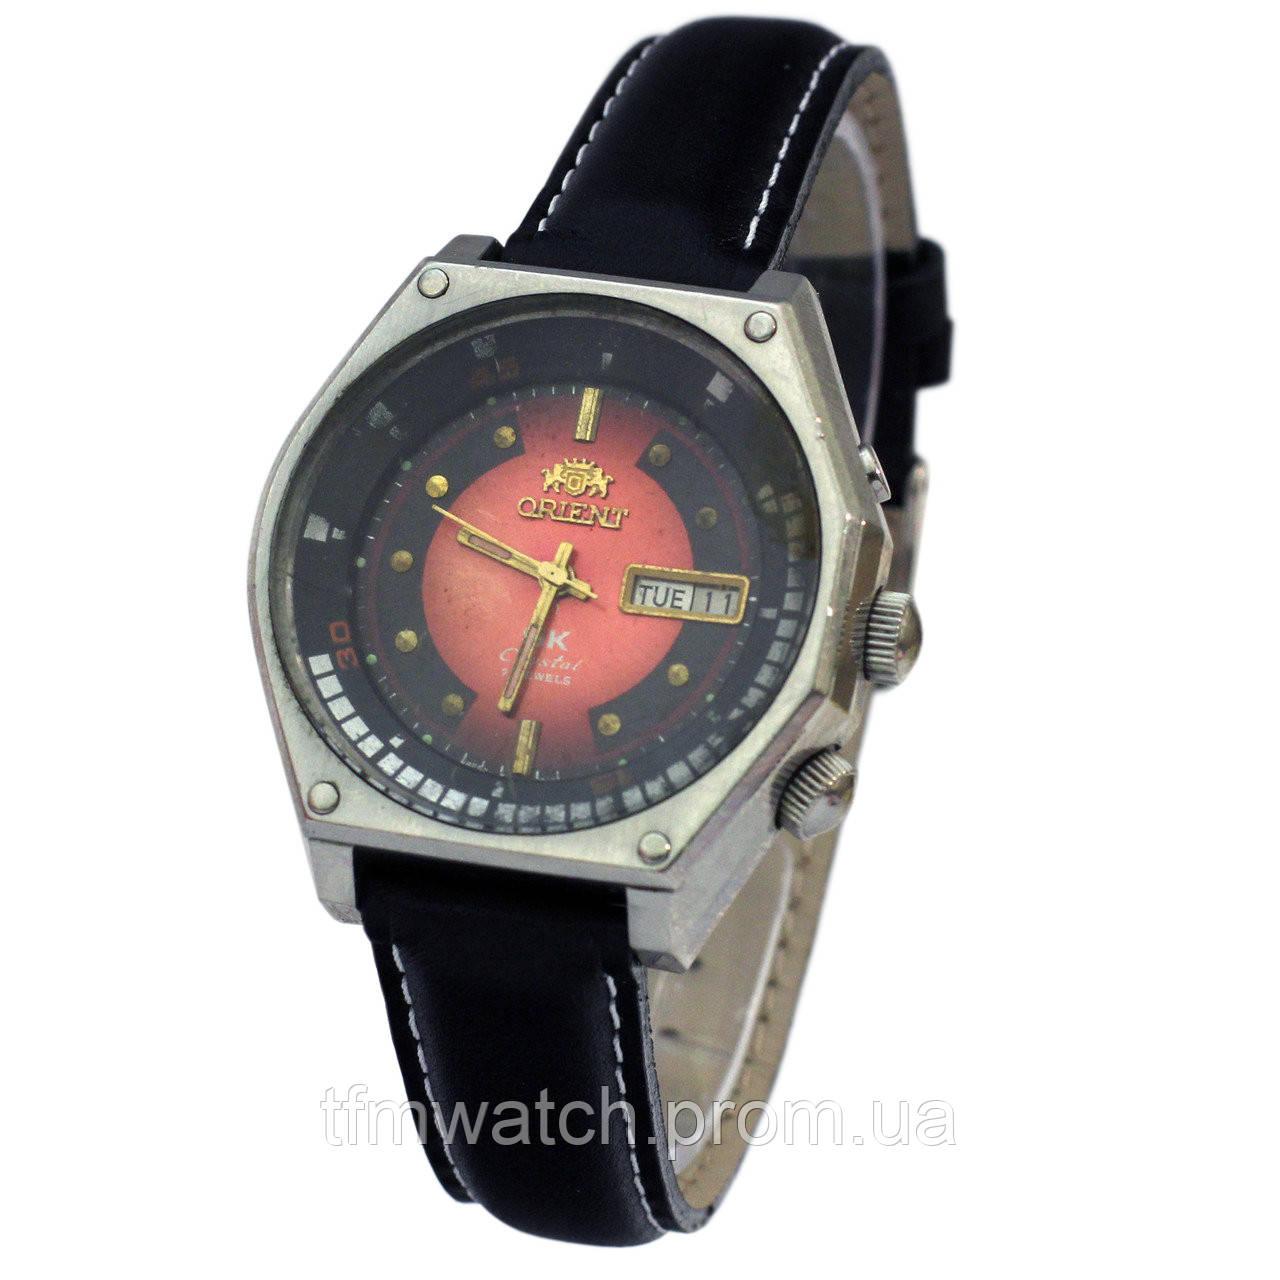 d3dc0bc2 Мужские часы Ориент с автоподзаводом - Магазин старинных, винтажных и  антикварных часов TFMwatch в России